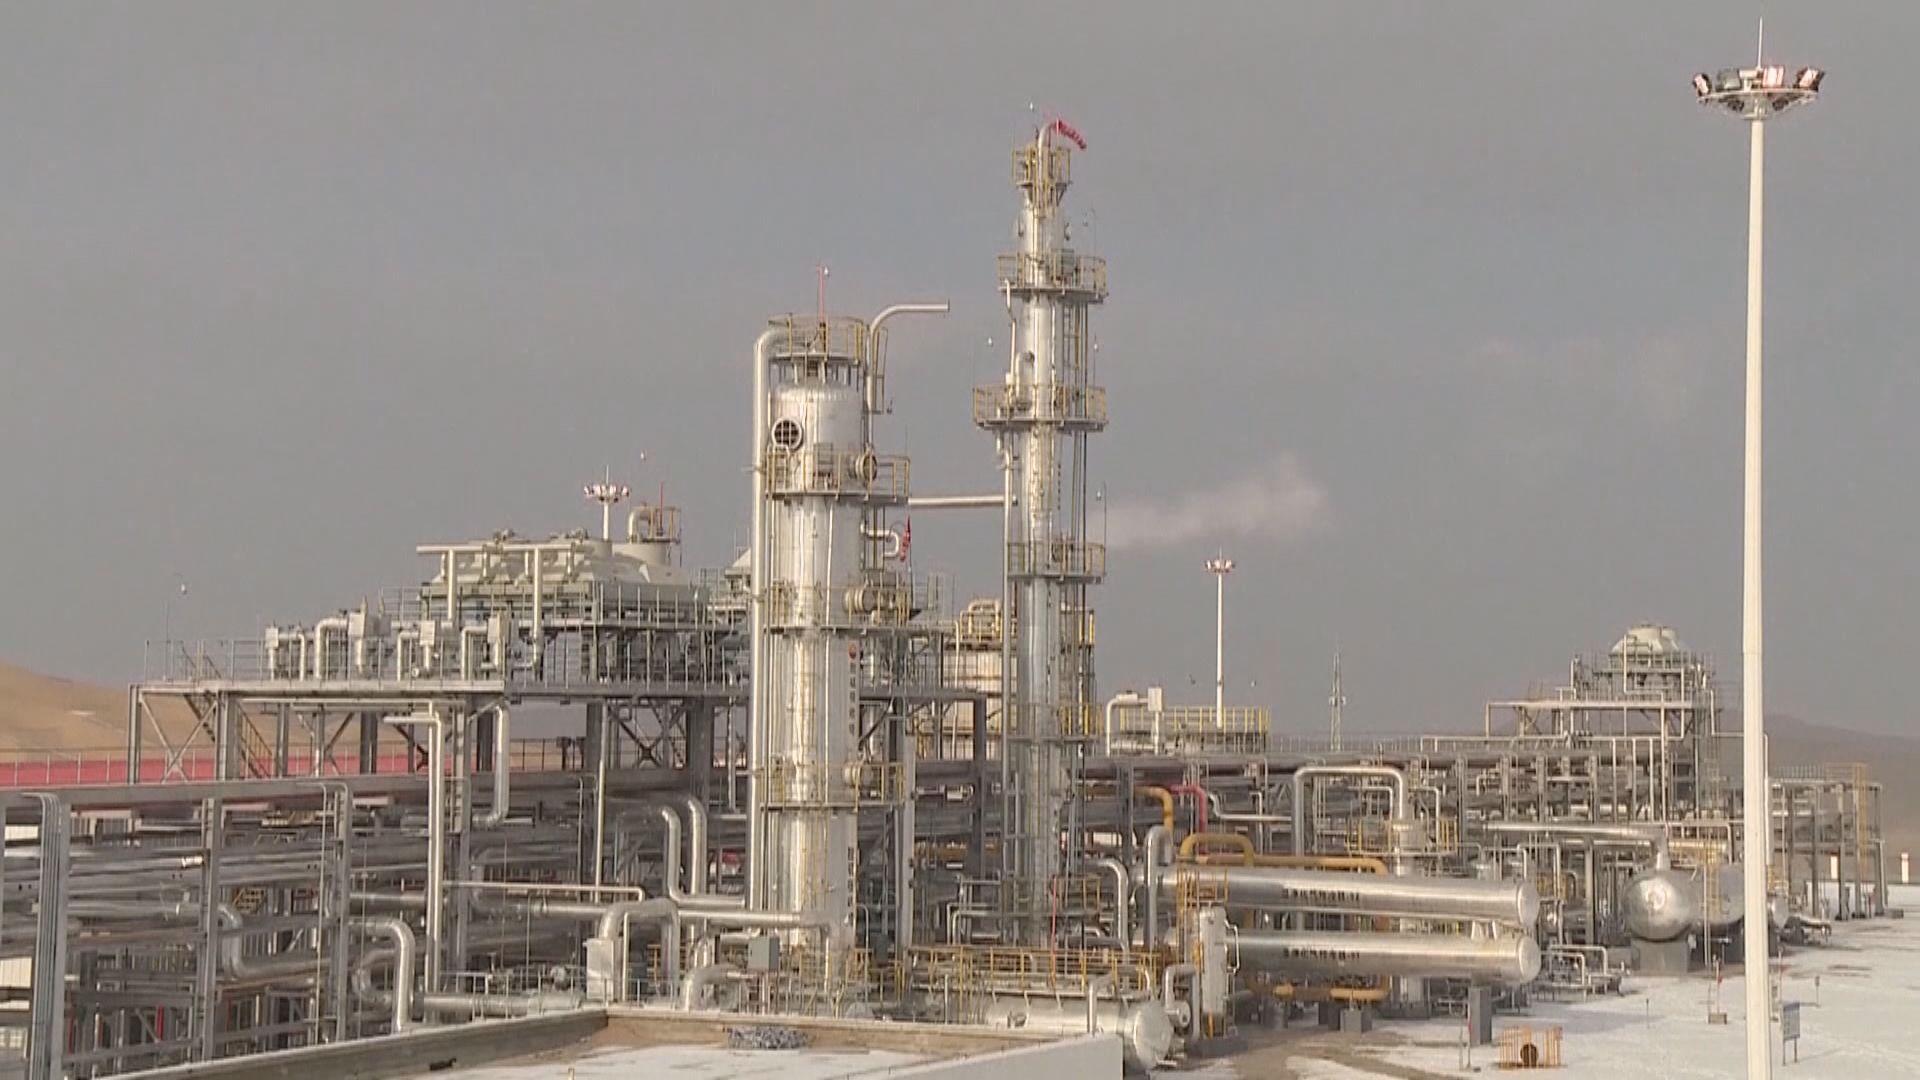 【好快、好快】俄羅斯與沙特或快就石油減產 達成協議